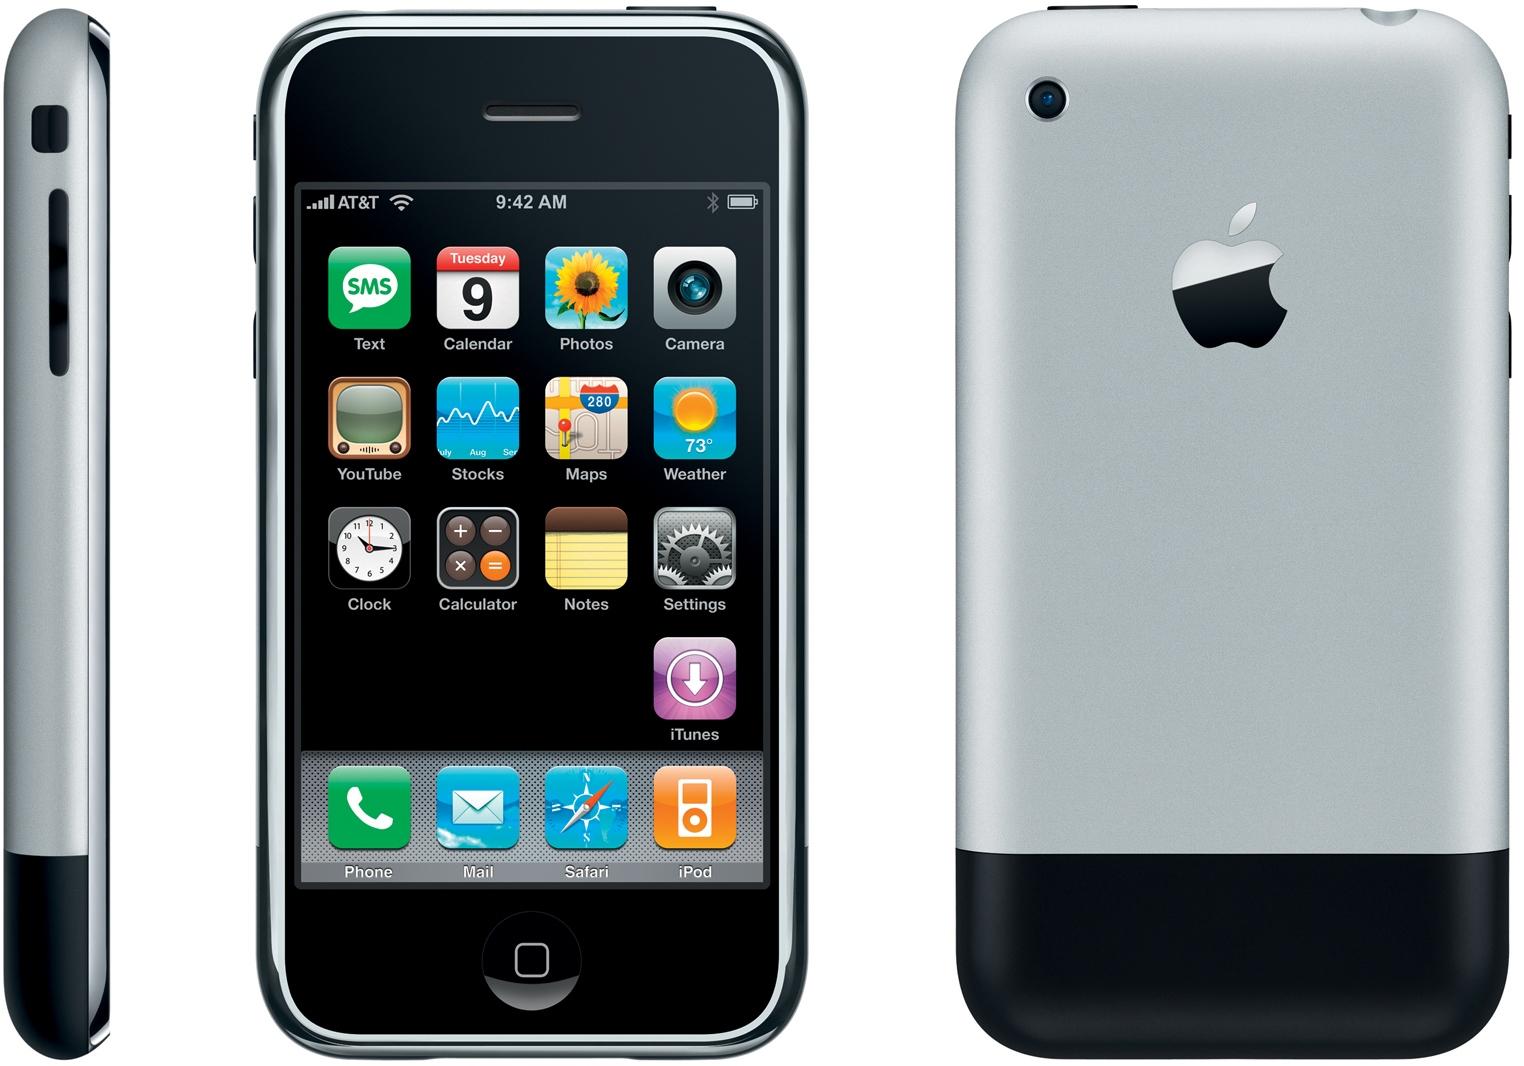 внешний вид iphone-2g